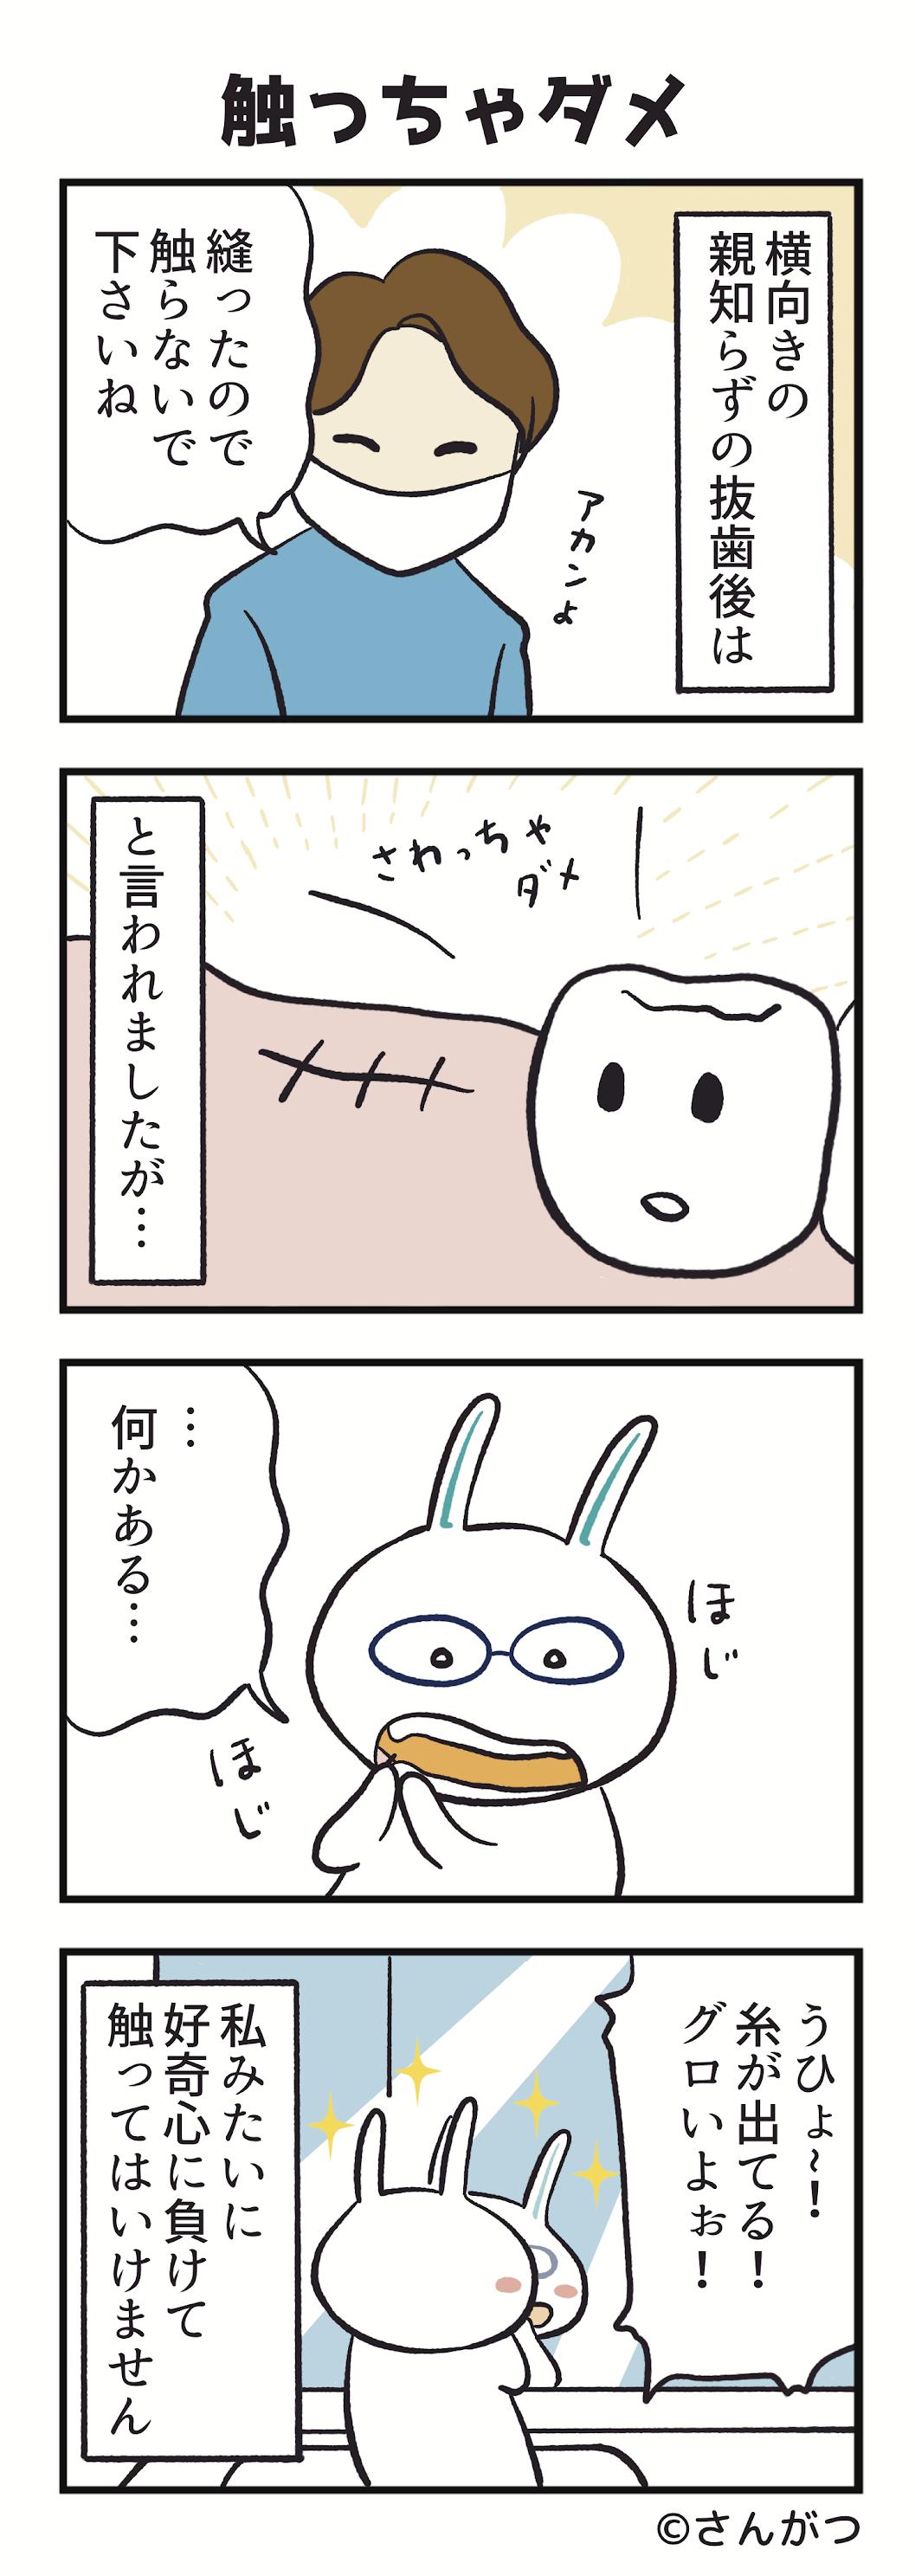 歯科矯正の漫画8「親知らずの抜歯・・・抜いた後は編」